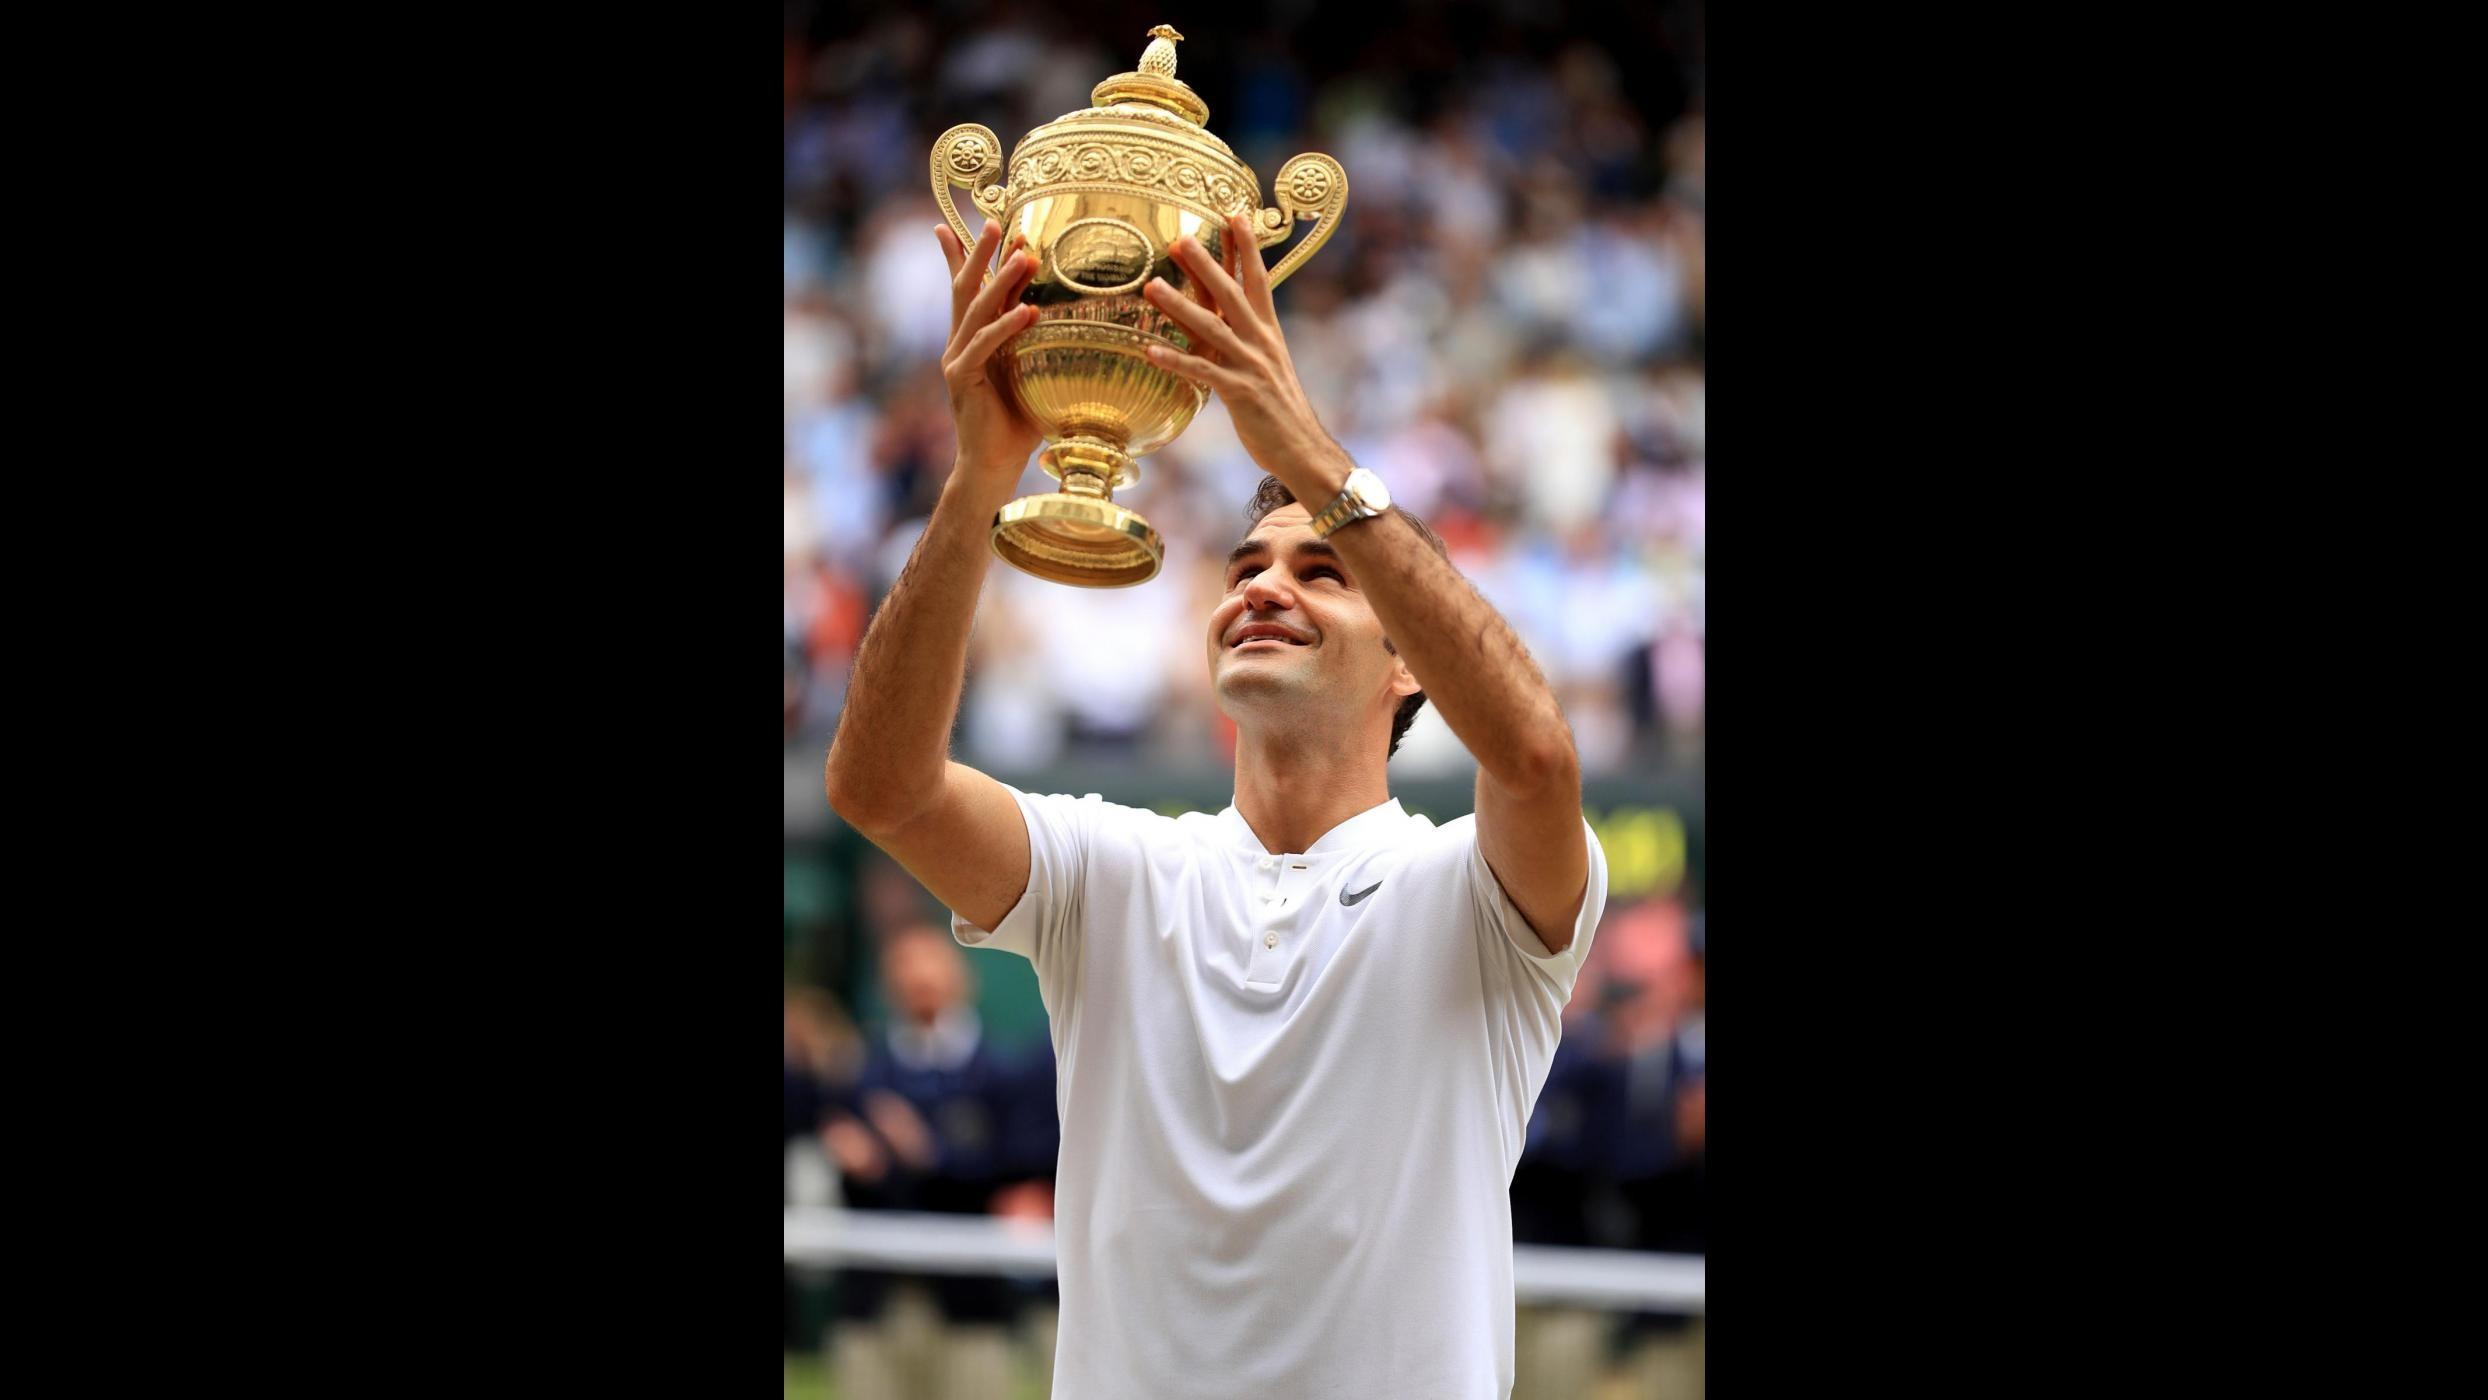 FOTO Wimbledon, Federer re per l'ottava volta, Cilic in lacrime